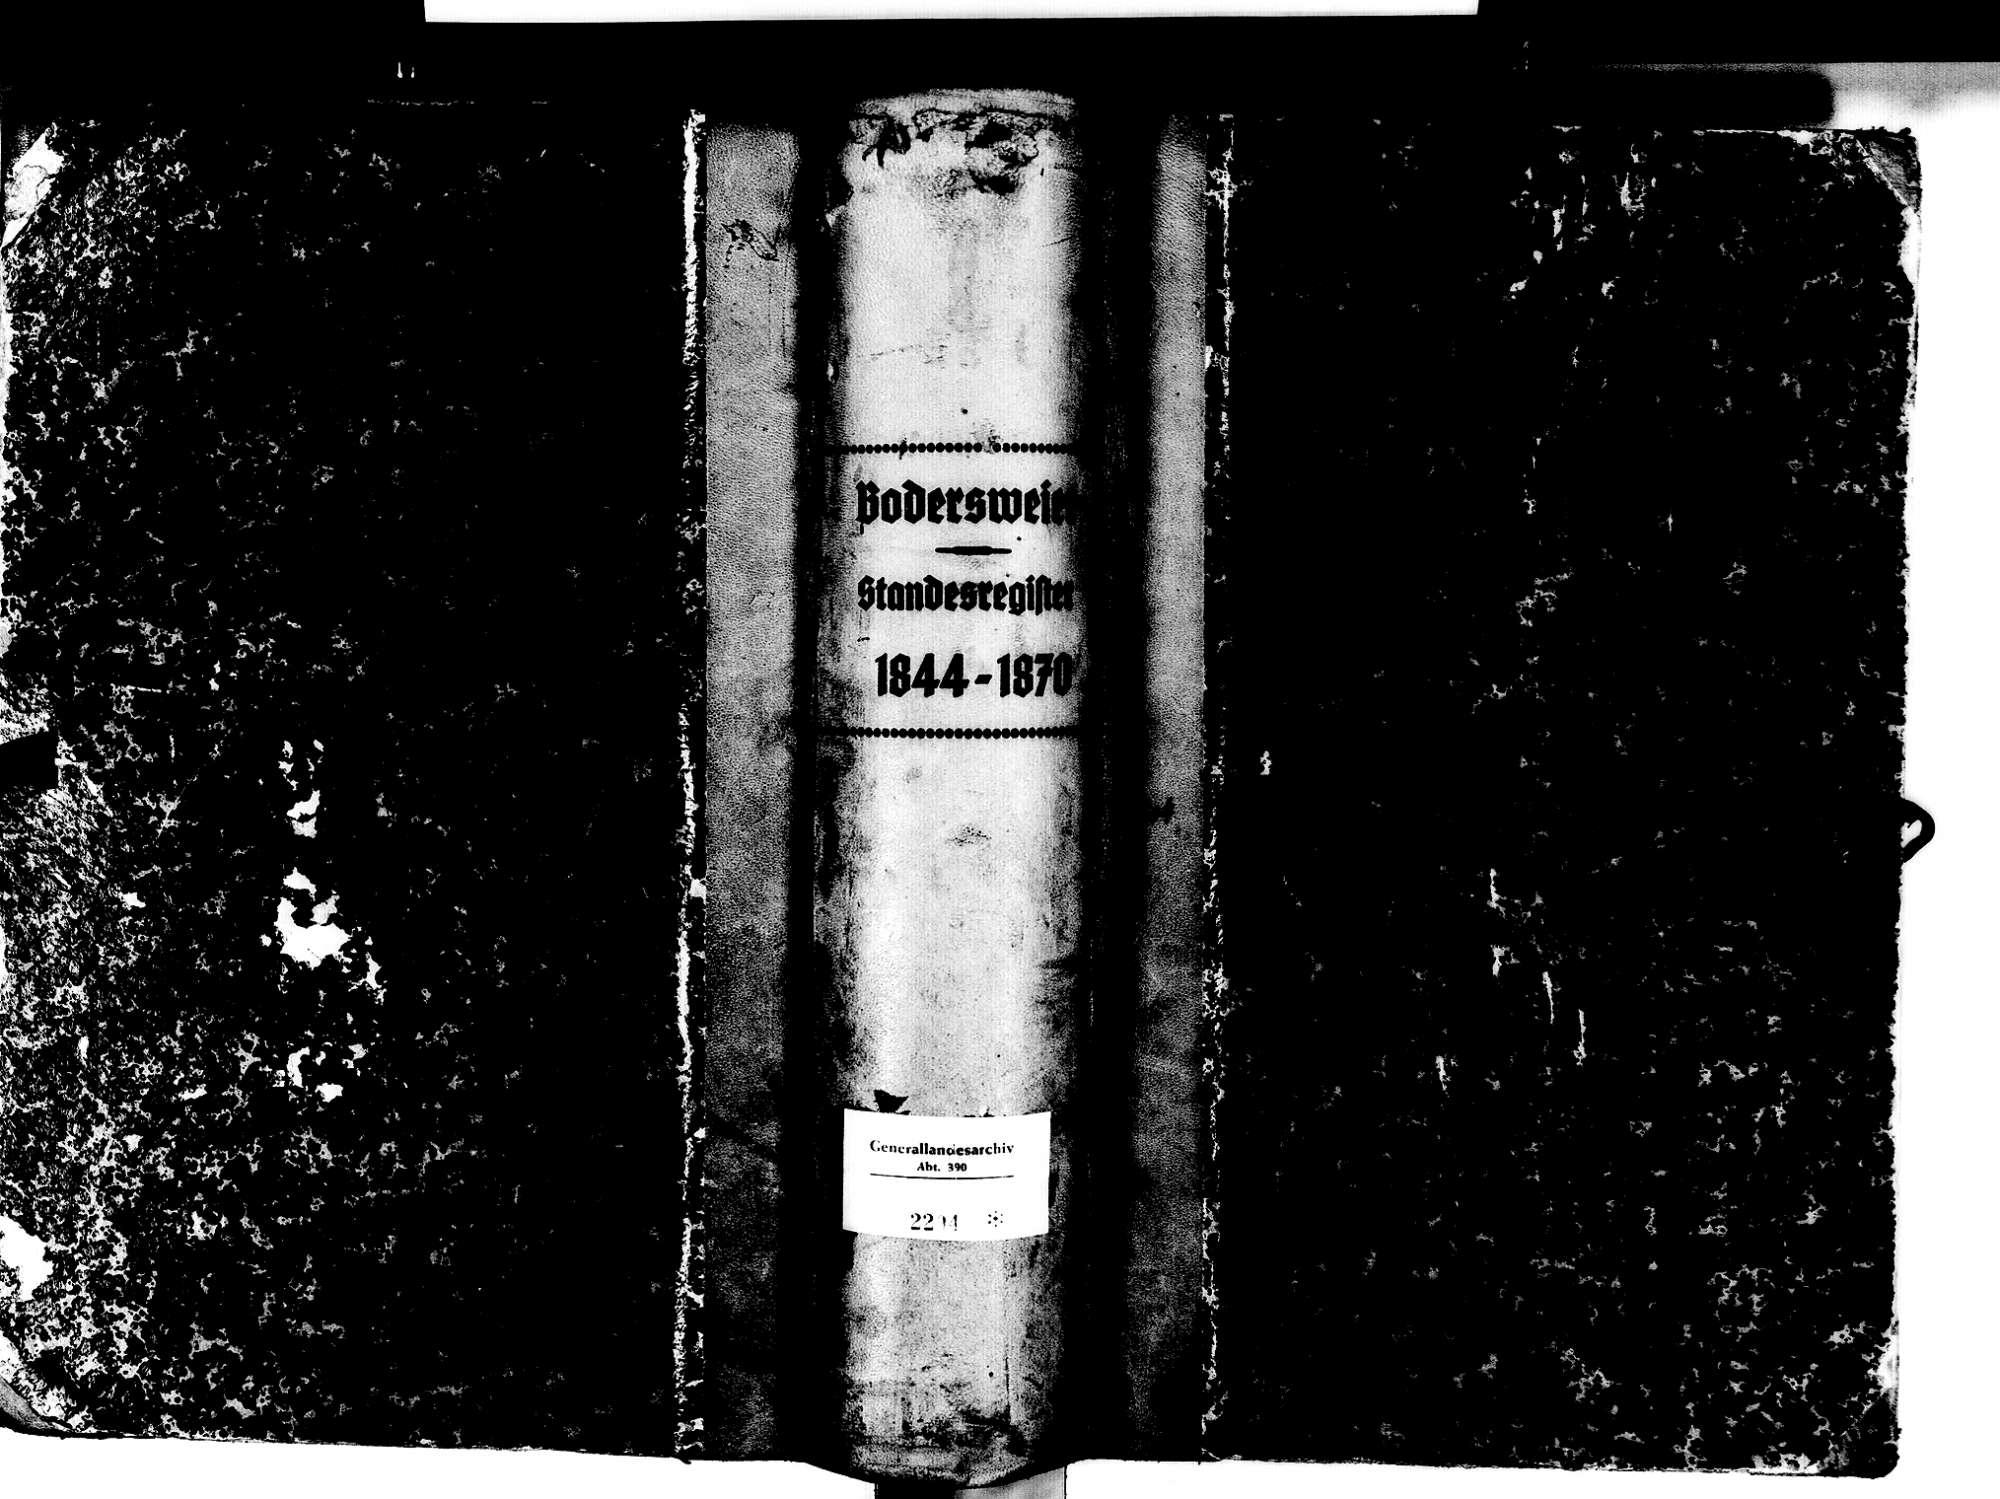 Bodersweier, Kehl OG; Evangelische Gemeinde: Standesbuch 1844-1870, Bild 2